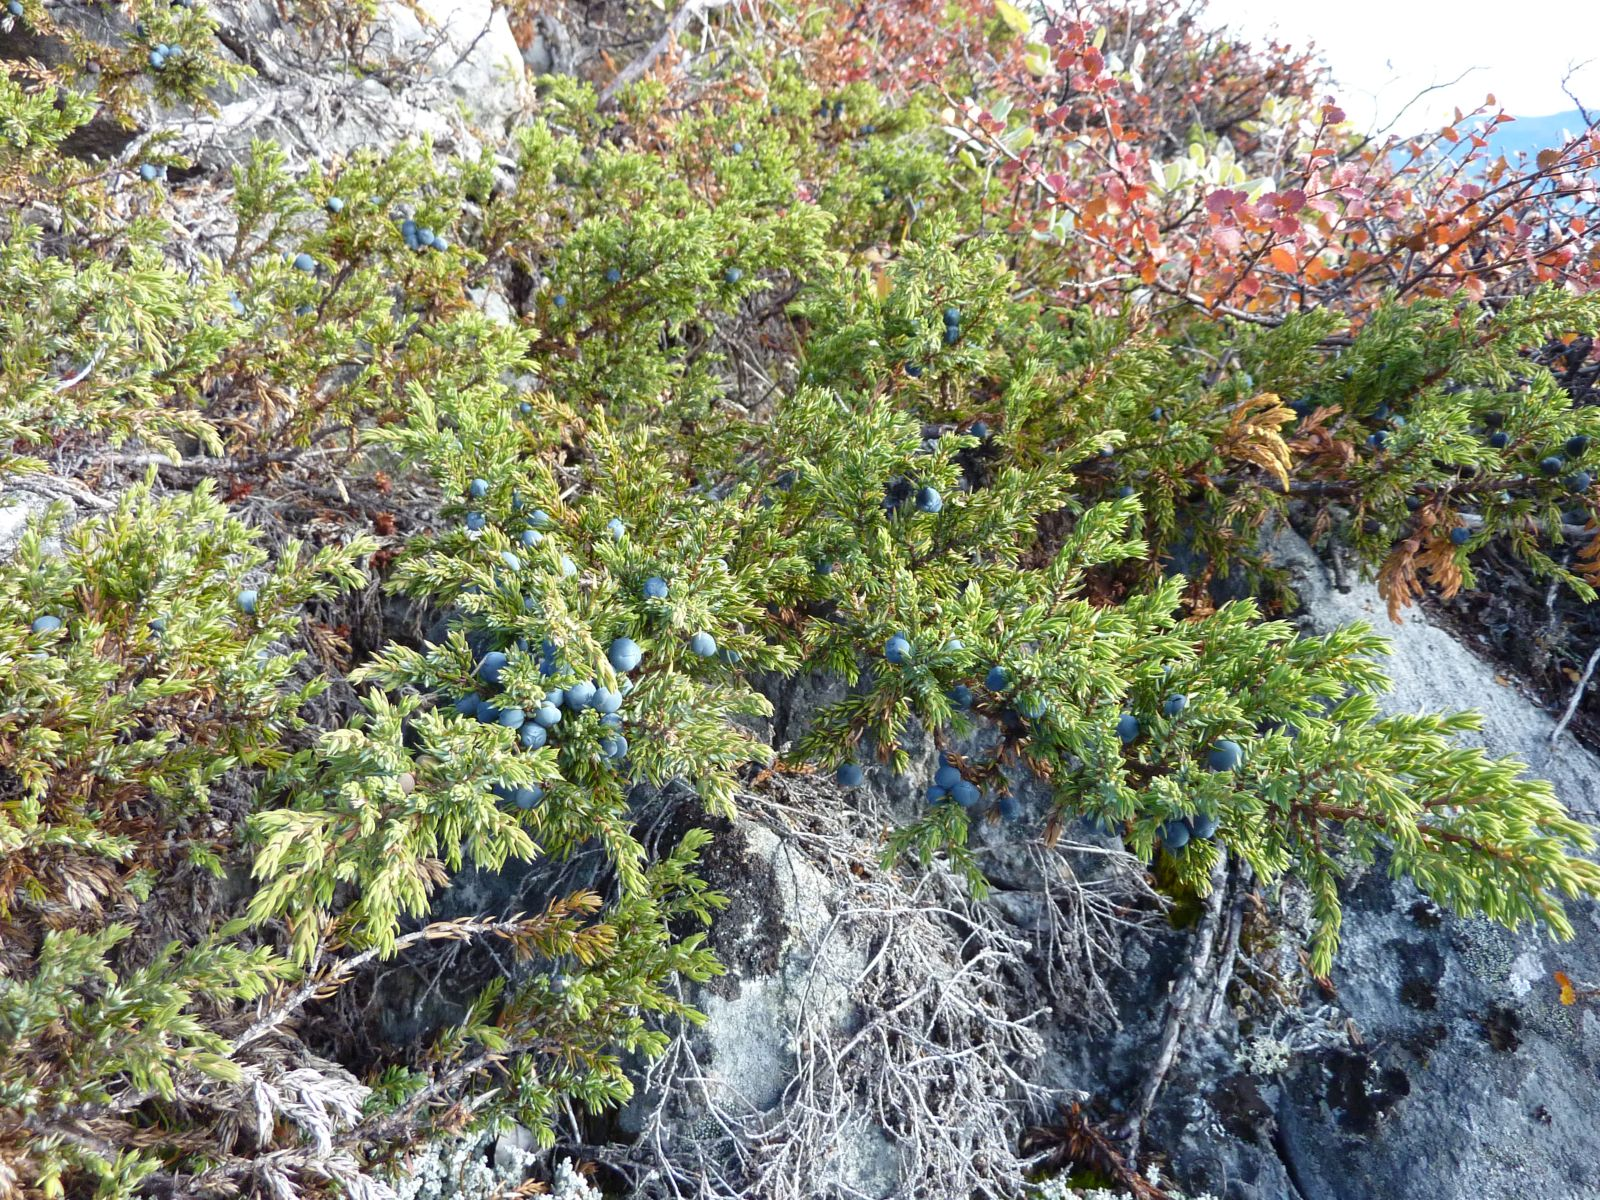 2010-09-19-1256_-_Enebær; Vegetation